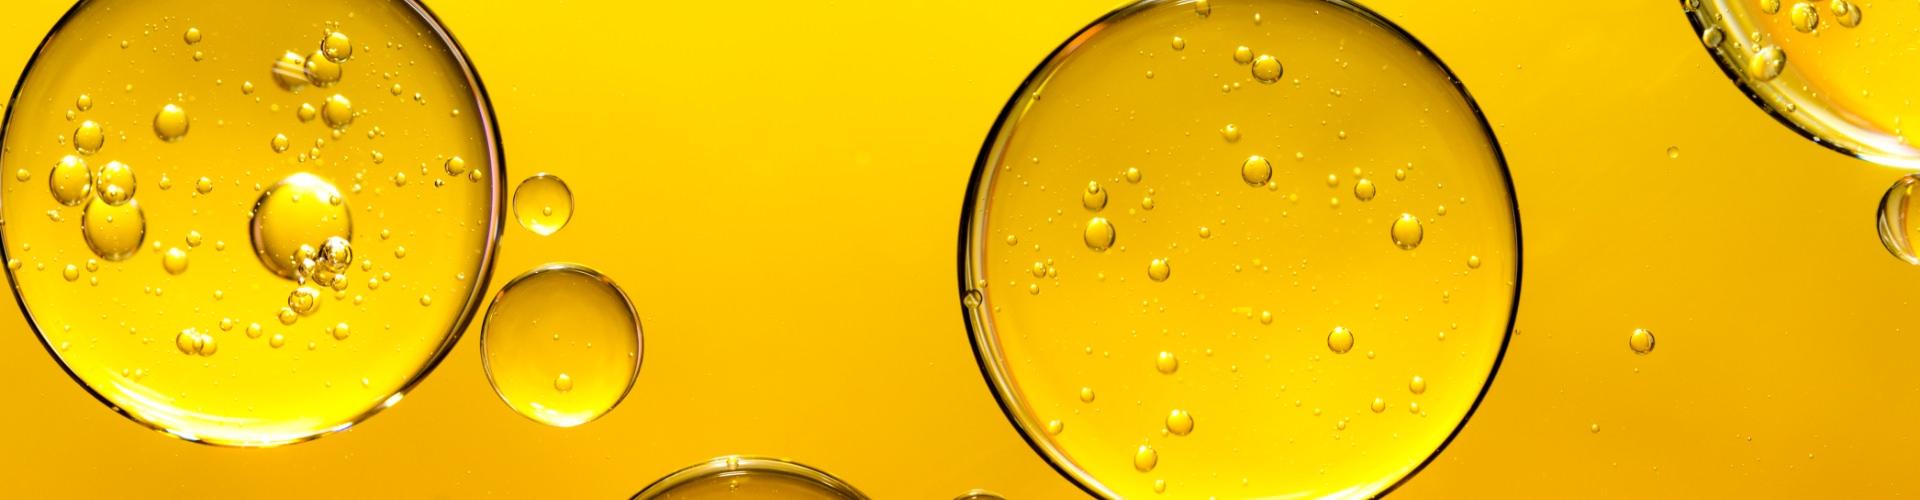 光触媒Cutalystの各種試験 及び 関連データと実績